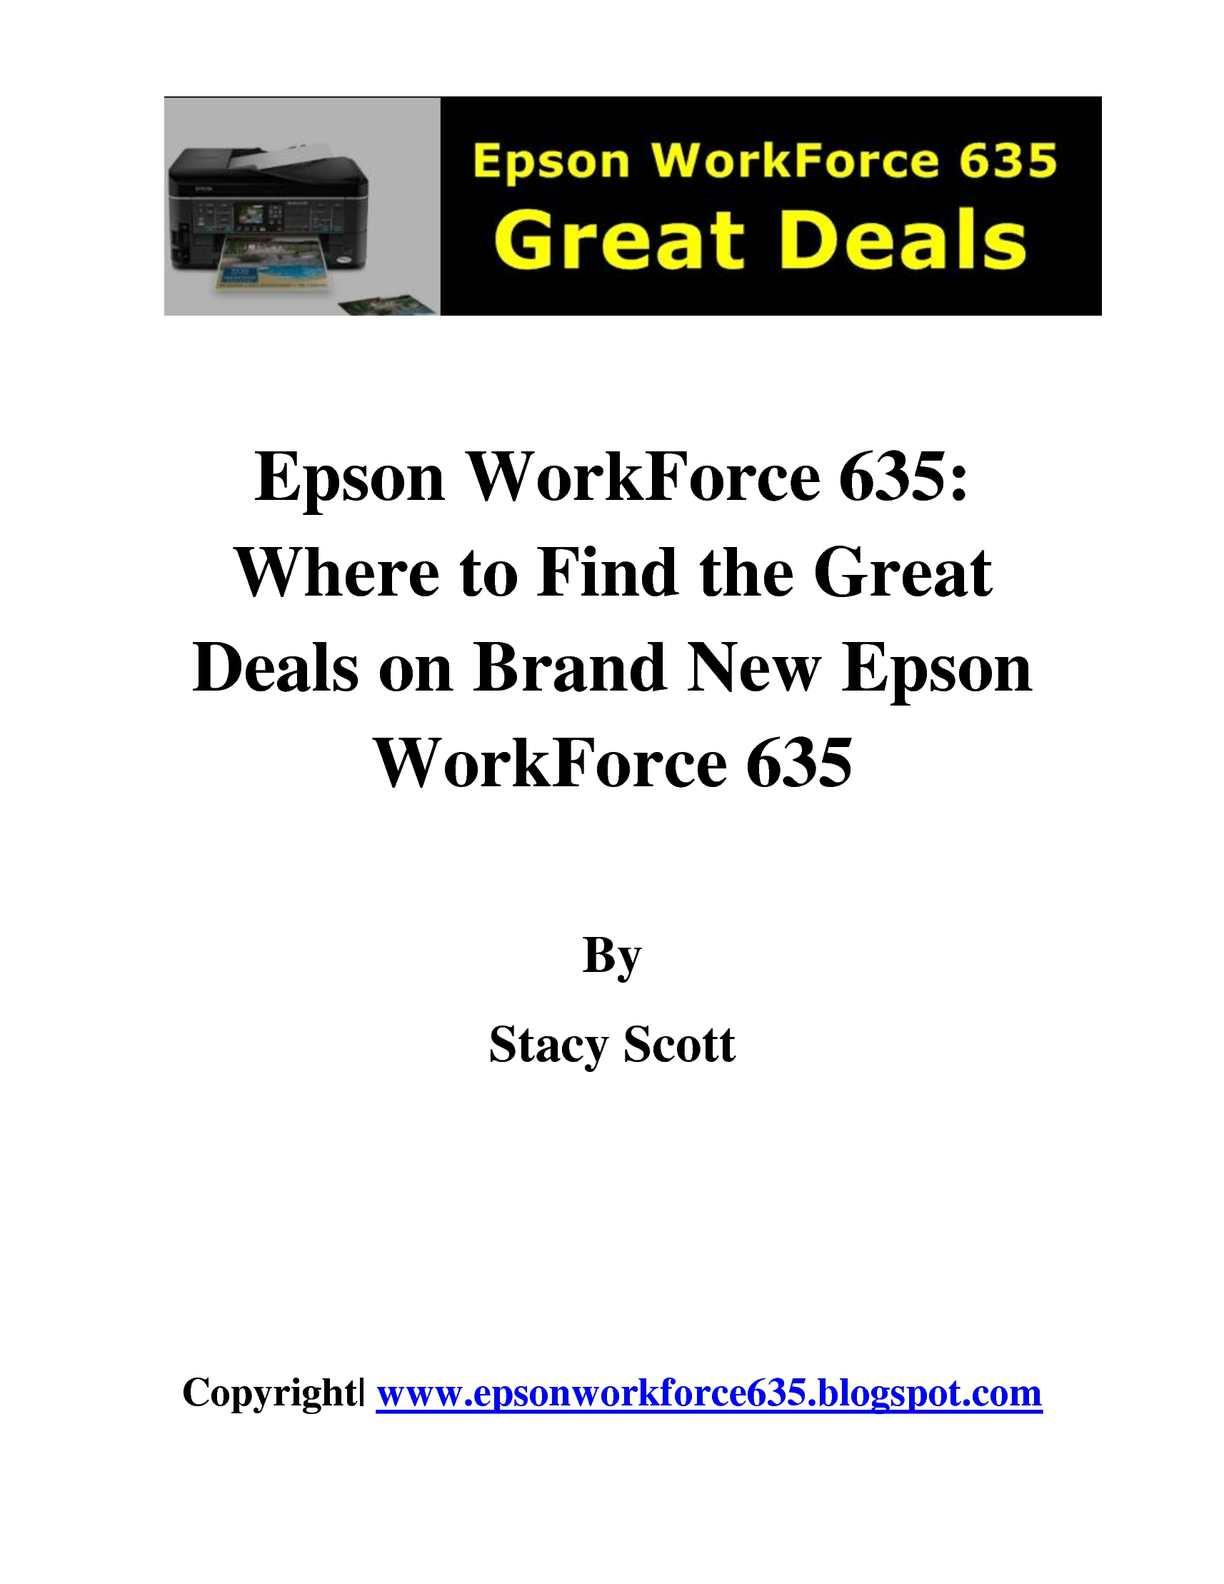 Fullsize Of Epson Workforce 635